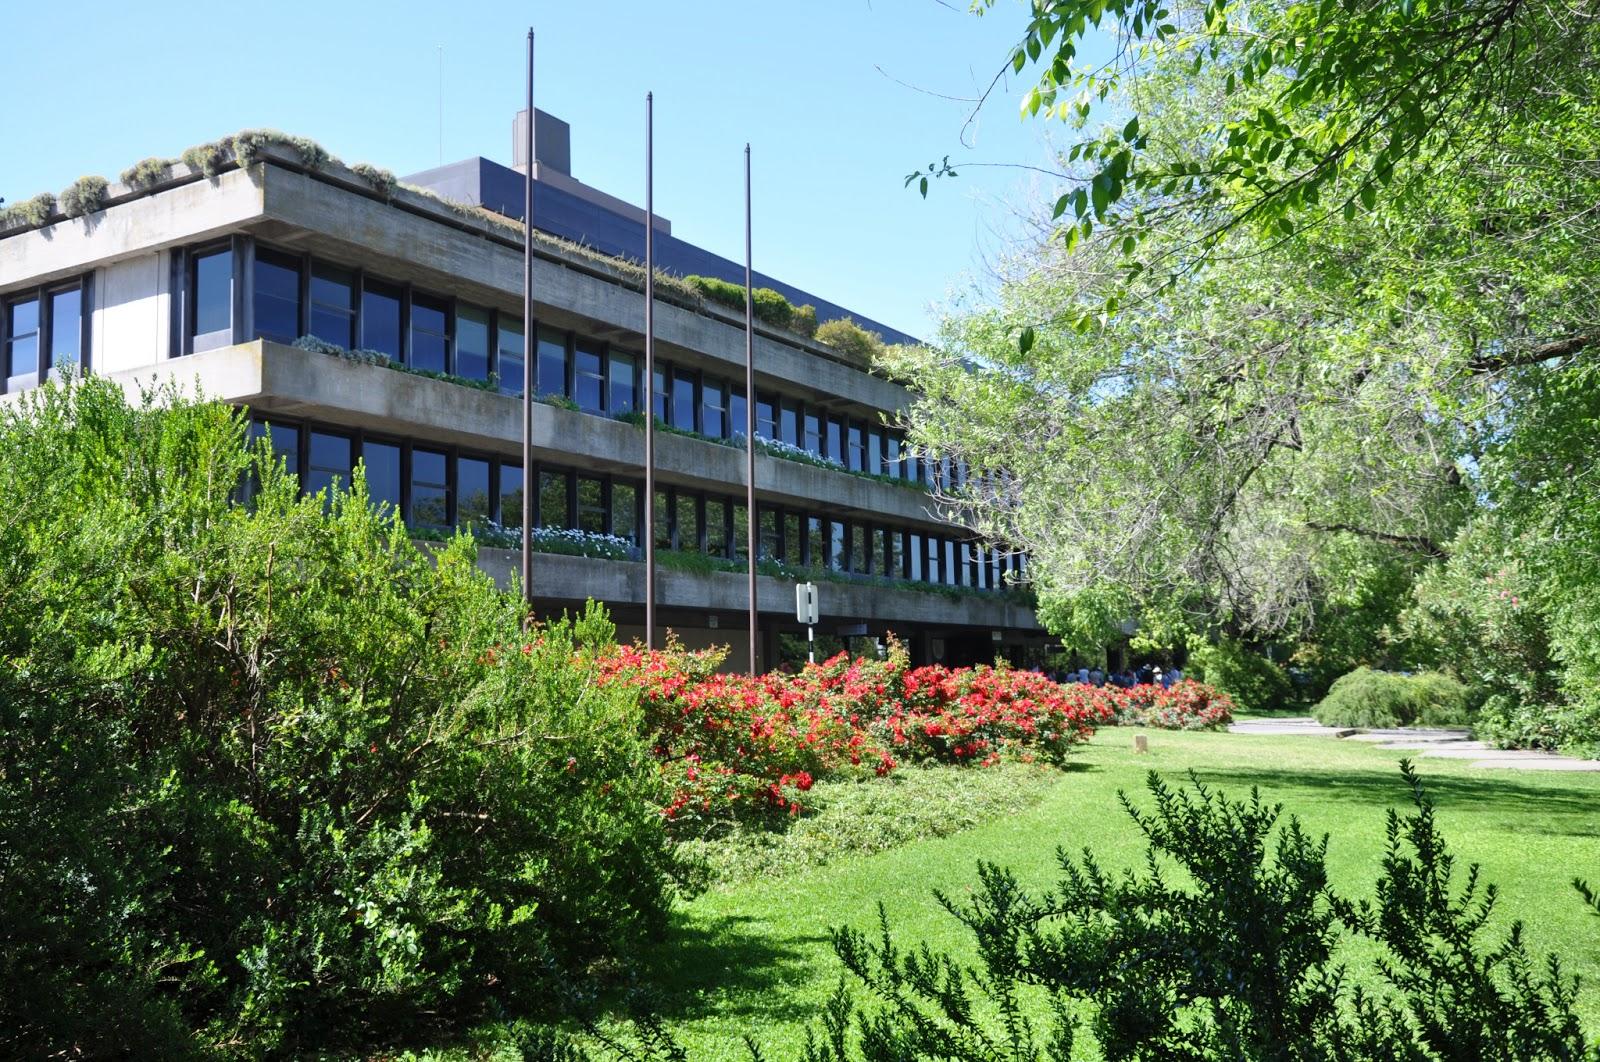 Calouste Gulbenkian Headquarters in Lisbon